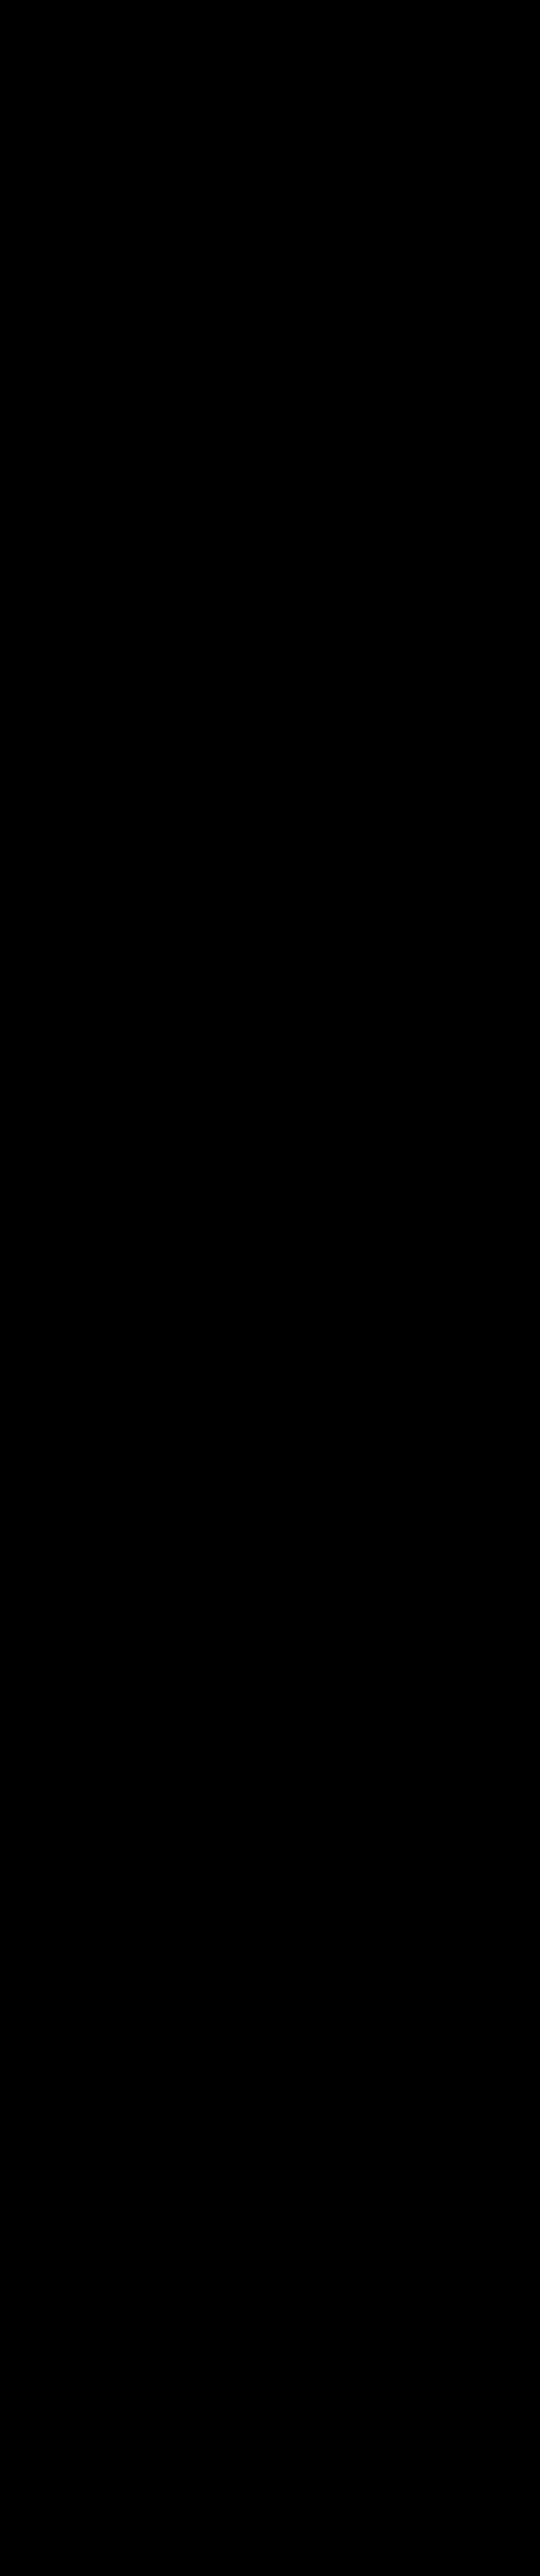 ibm-steampunk